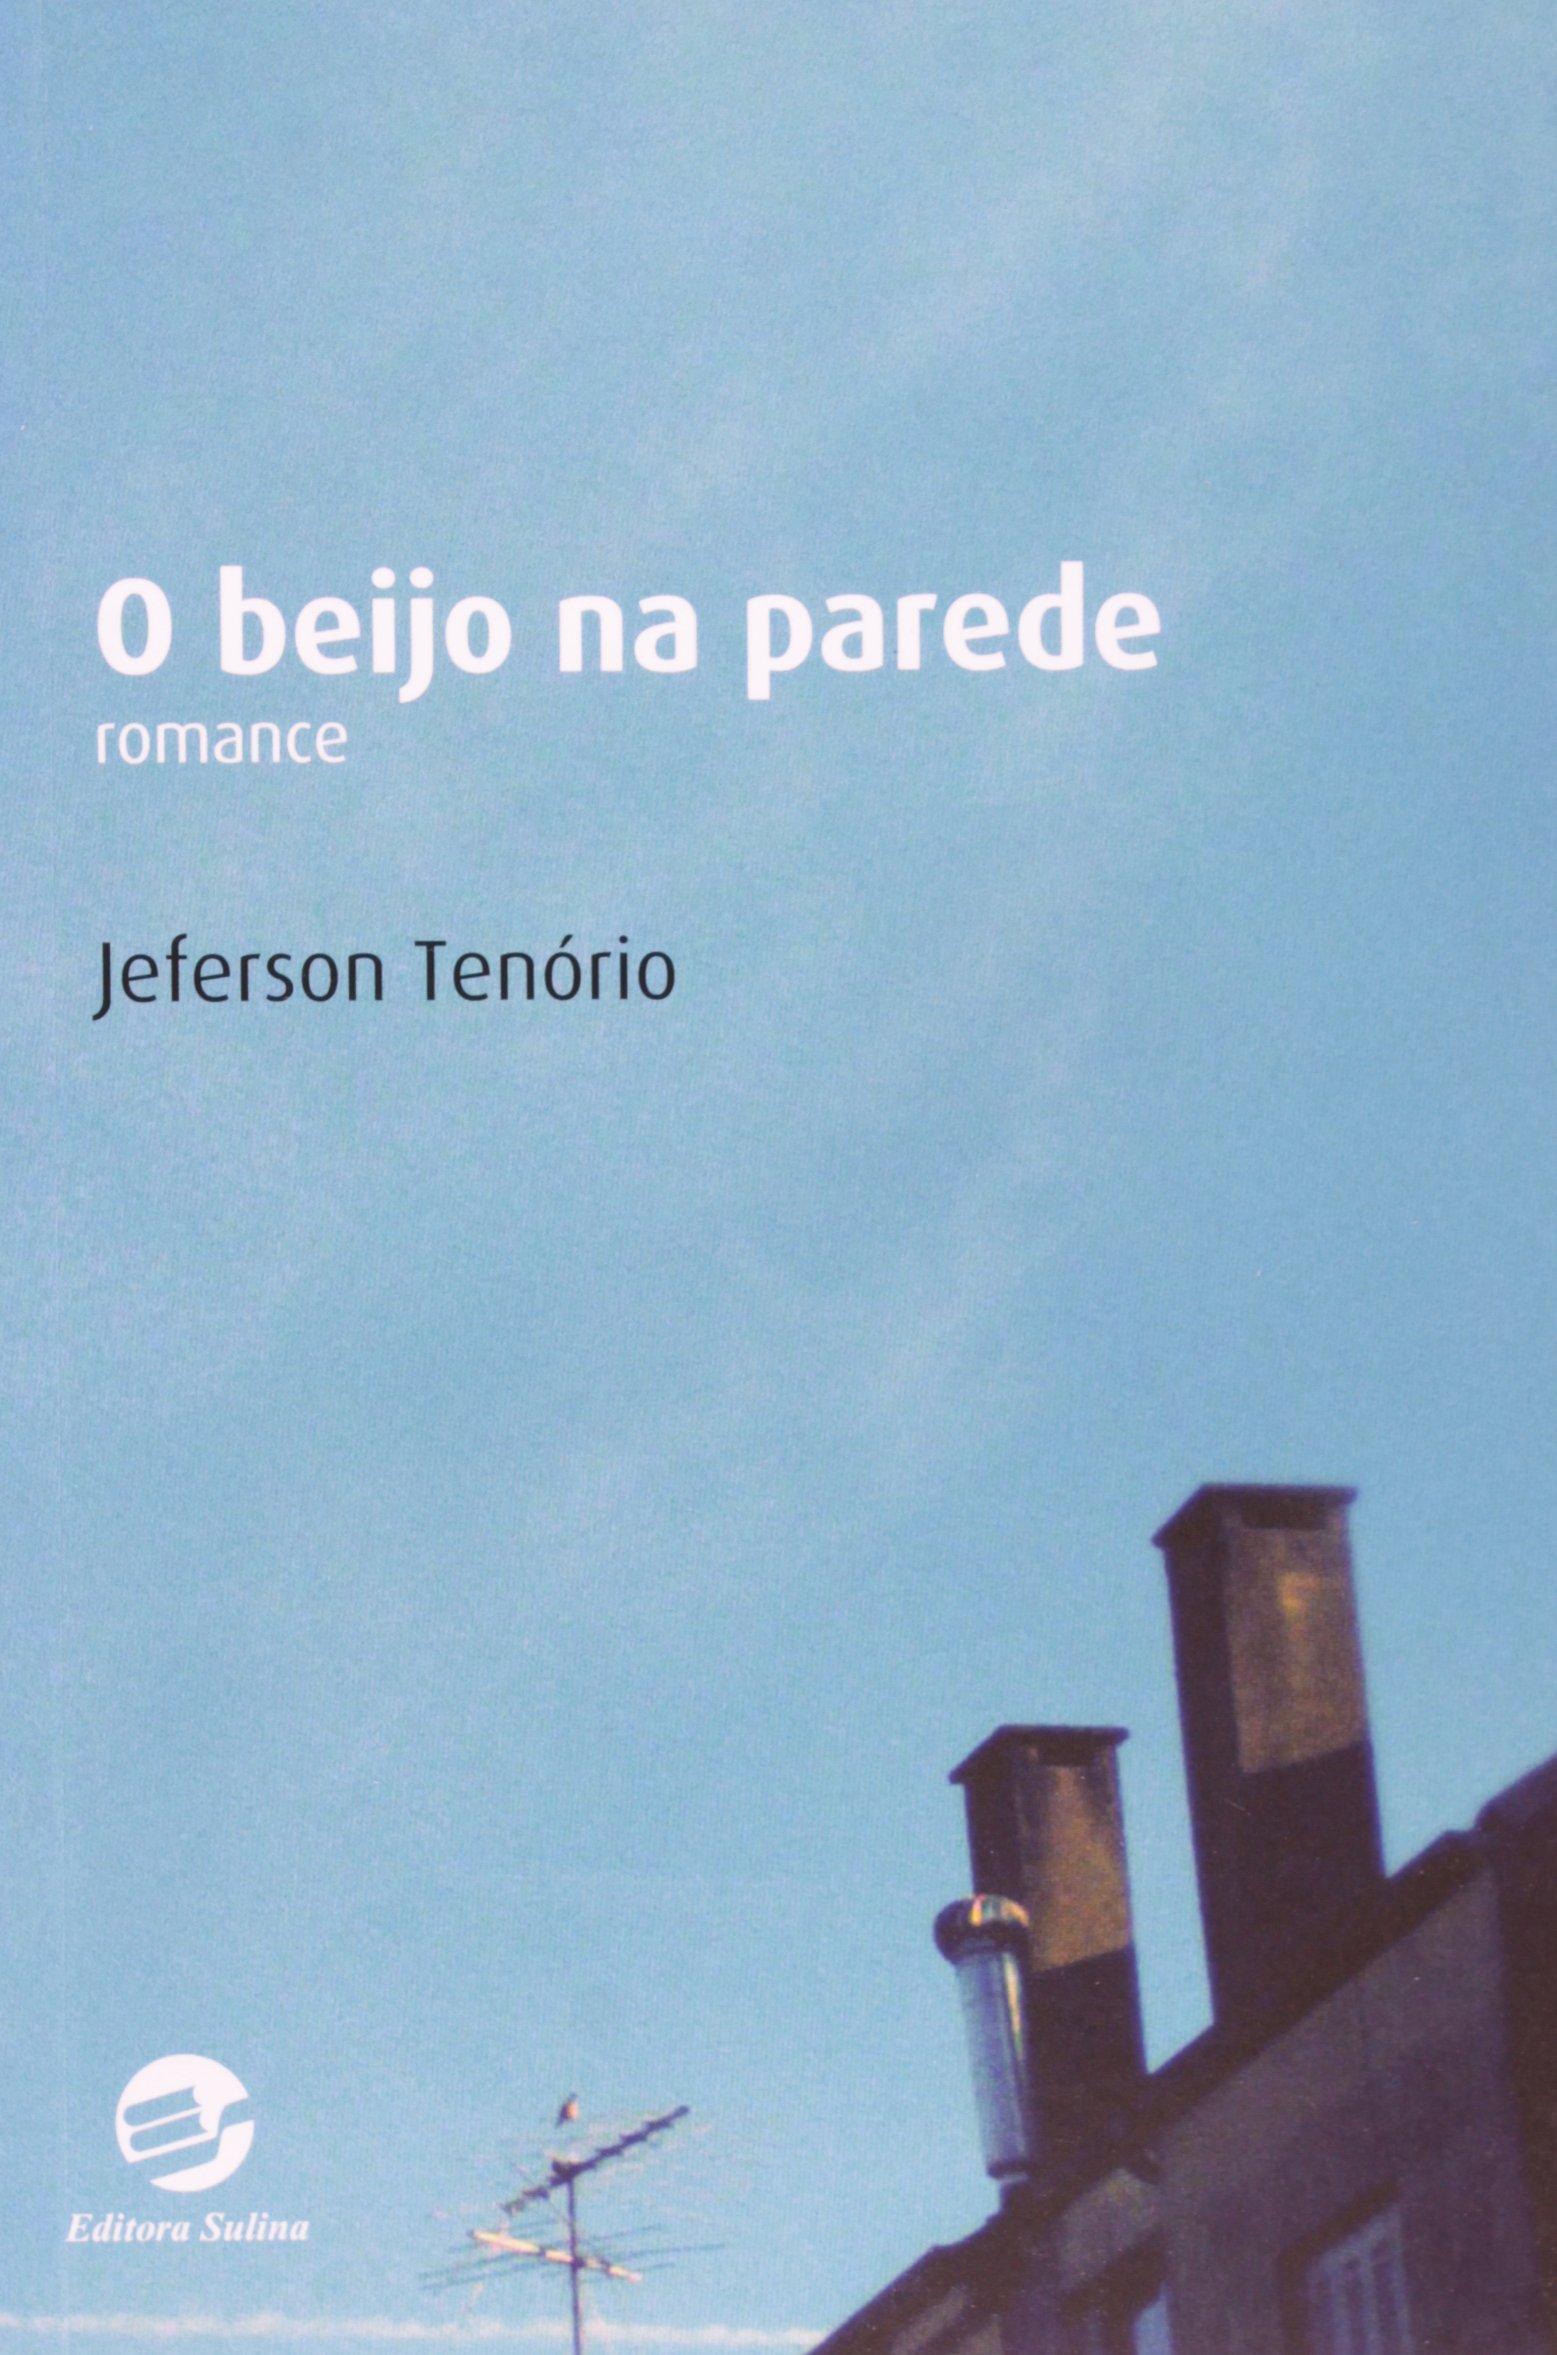 [RESENHA] O BEIJO NA PAREDE, DE JEFERSON TENÓRIO